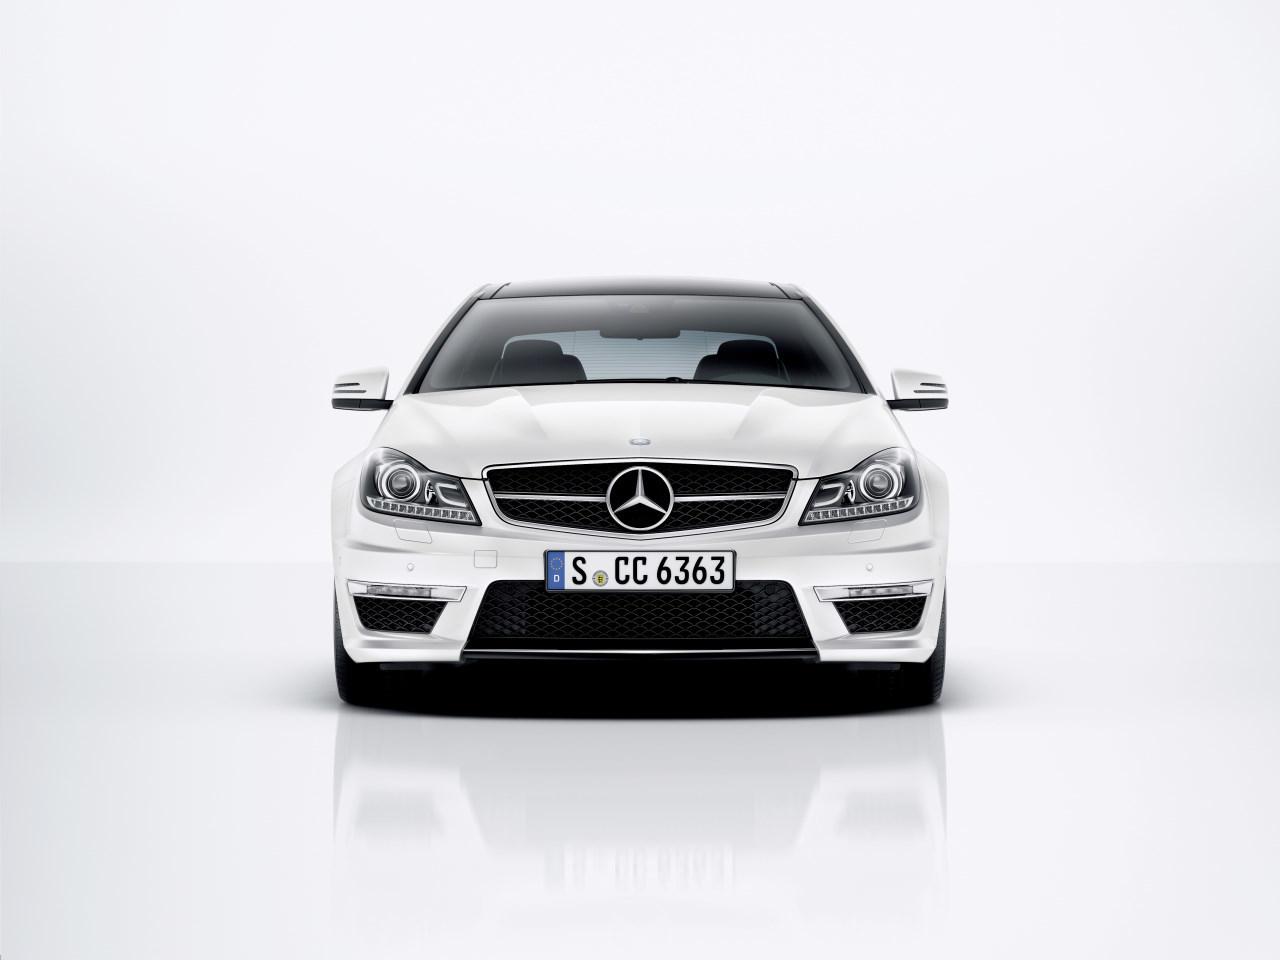 Foto de Mercedes-Benz C63 AMG Coupé (1/15)